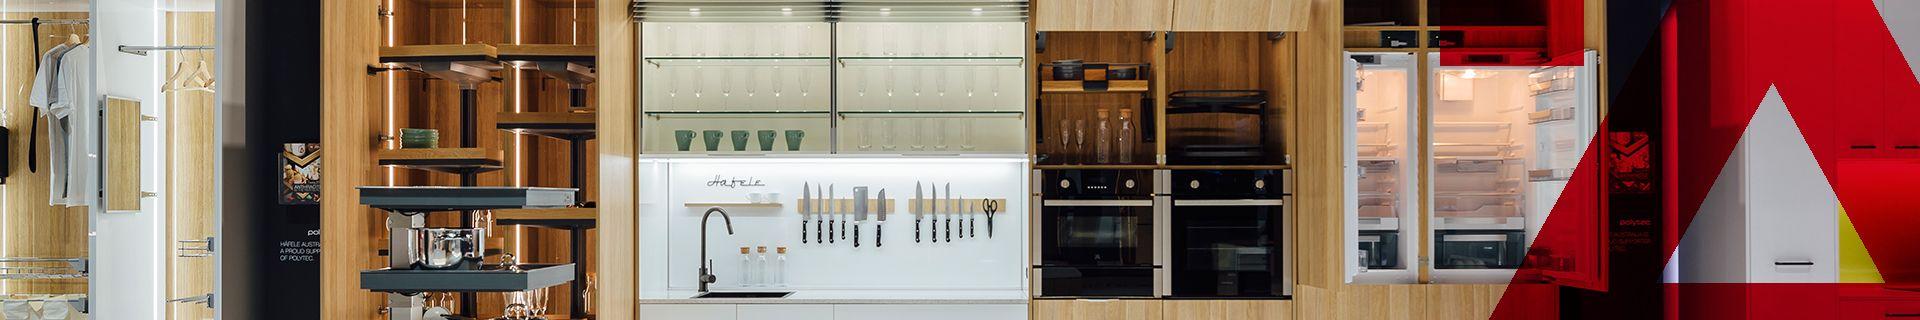 Hafele banner featuring a modern, open plan kitchen.